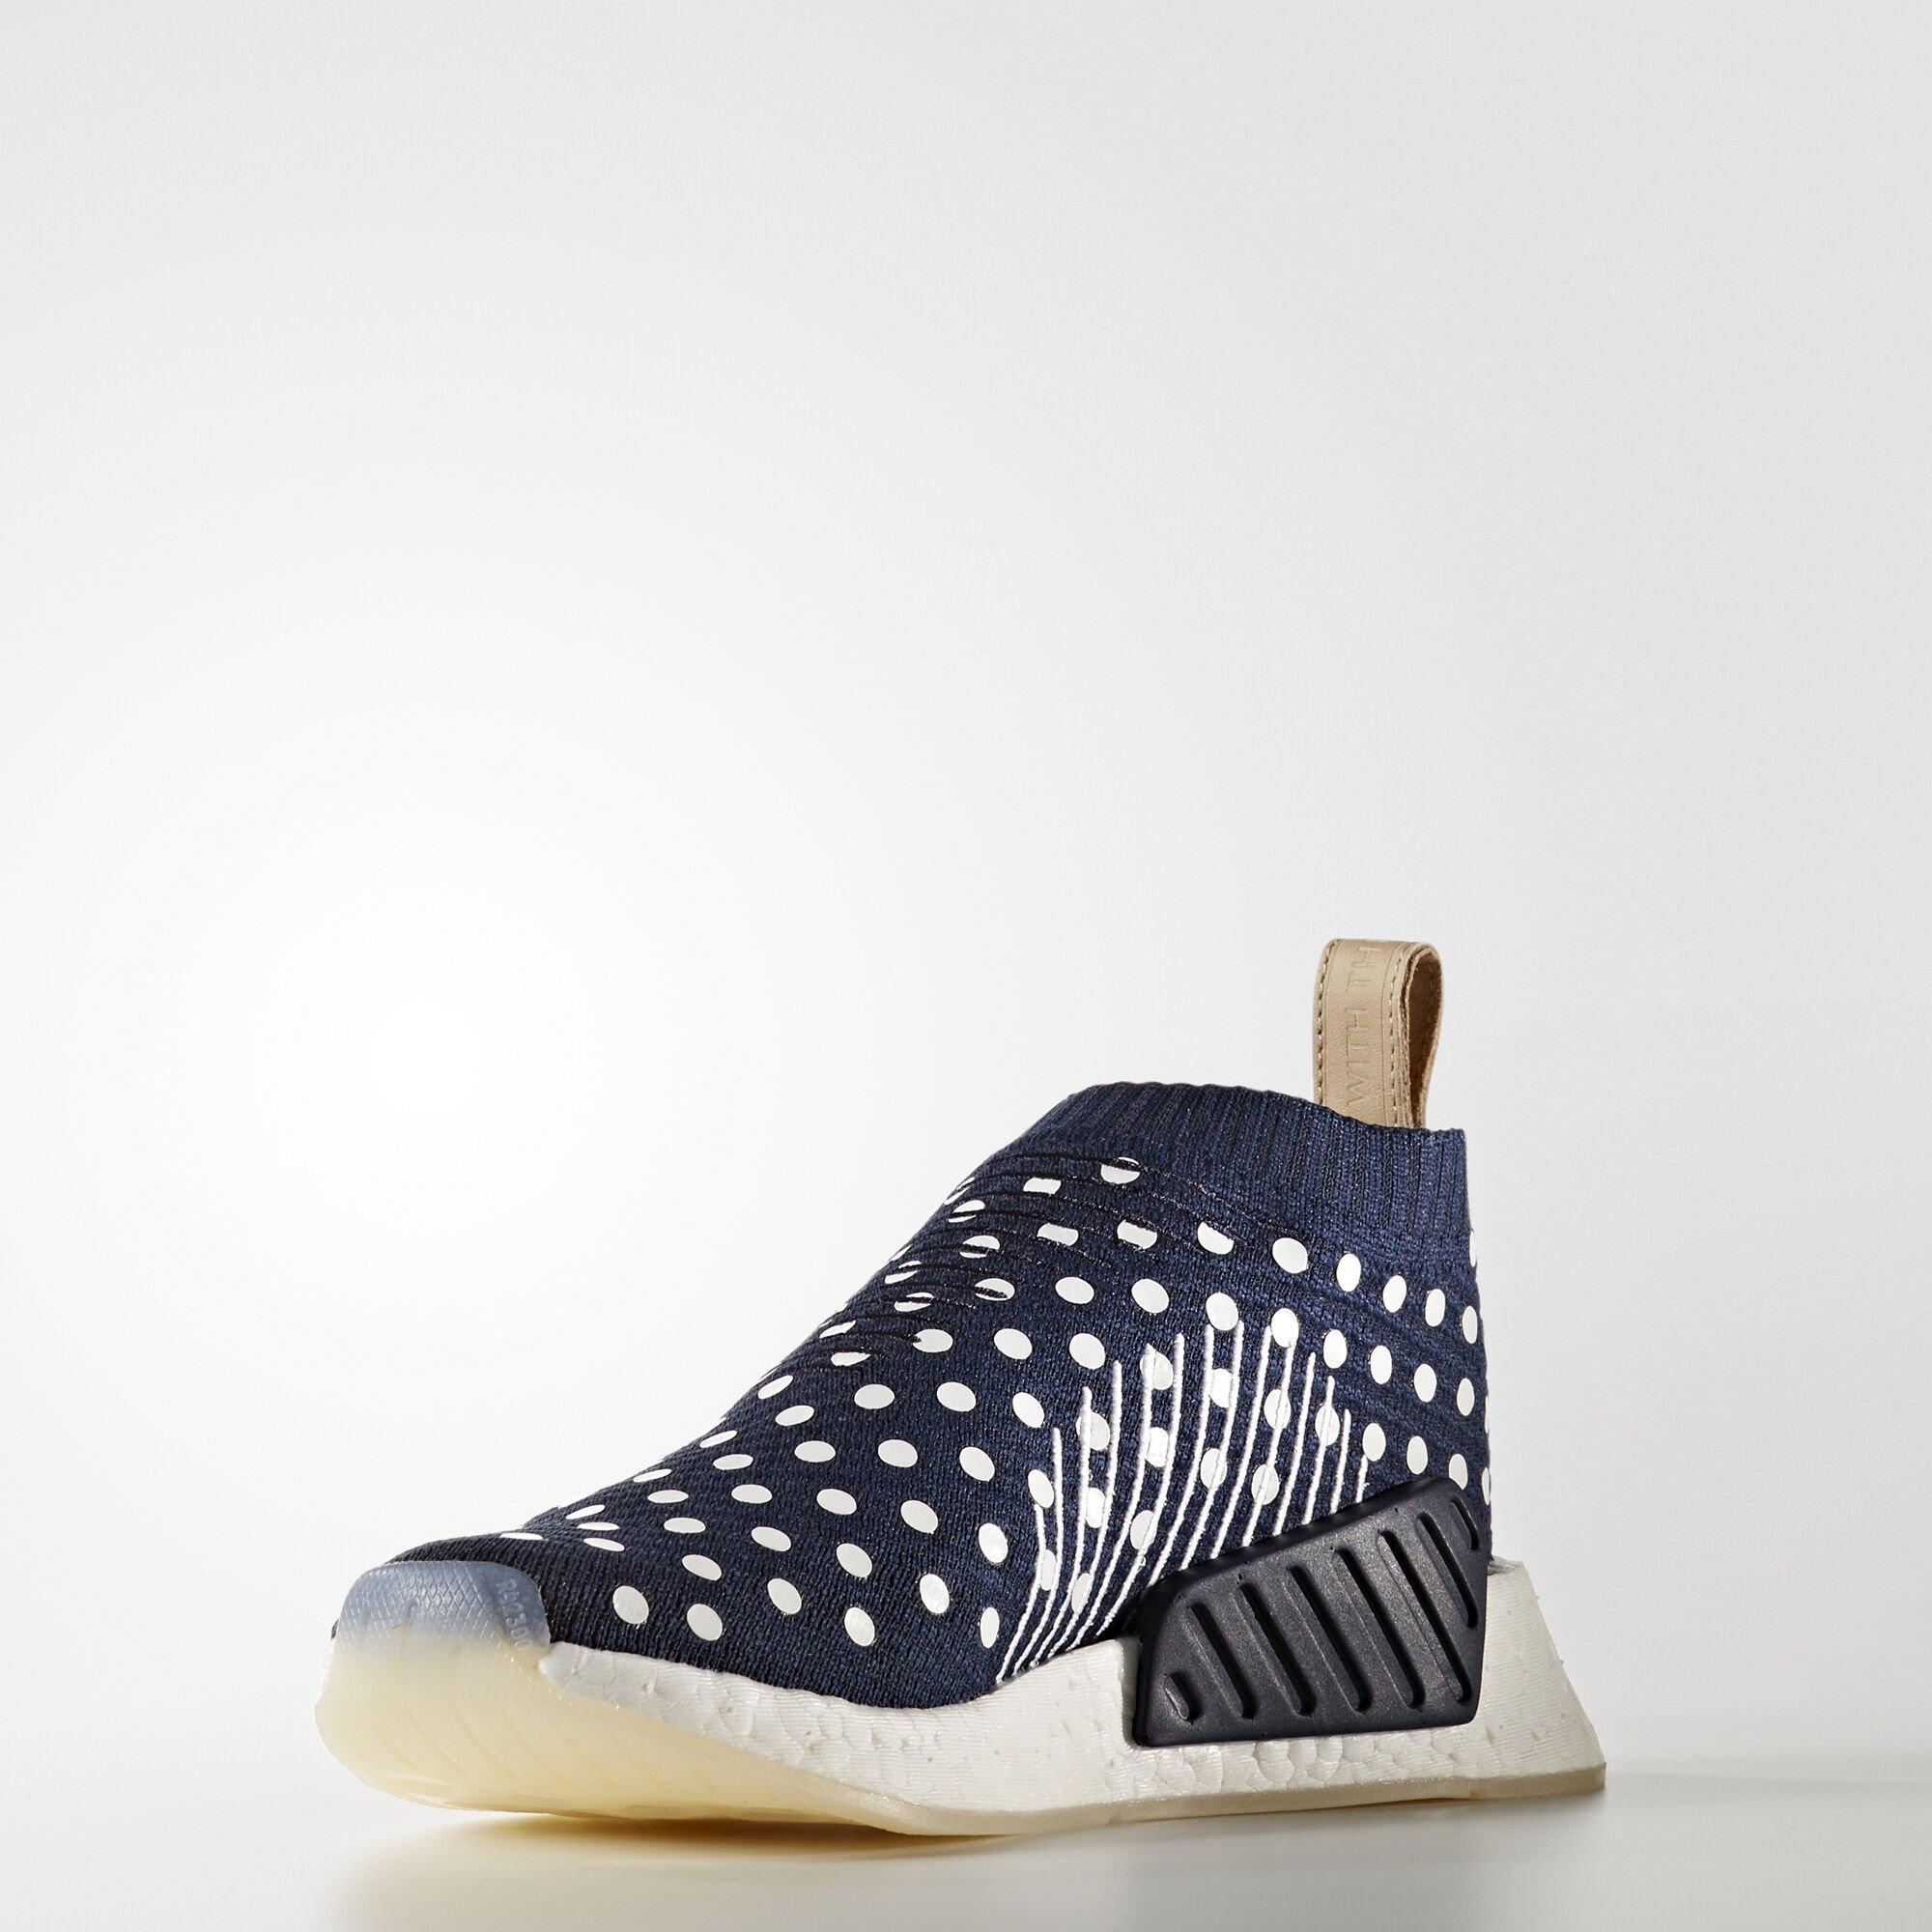 adidas NMD CS2 Ronin Polka Dot (W) (BA7212)